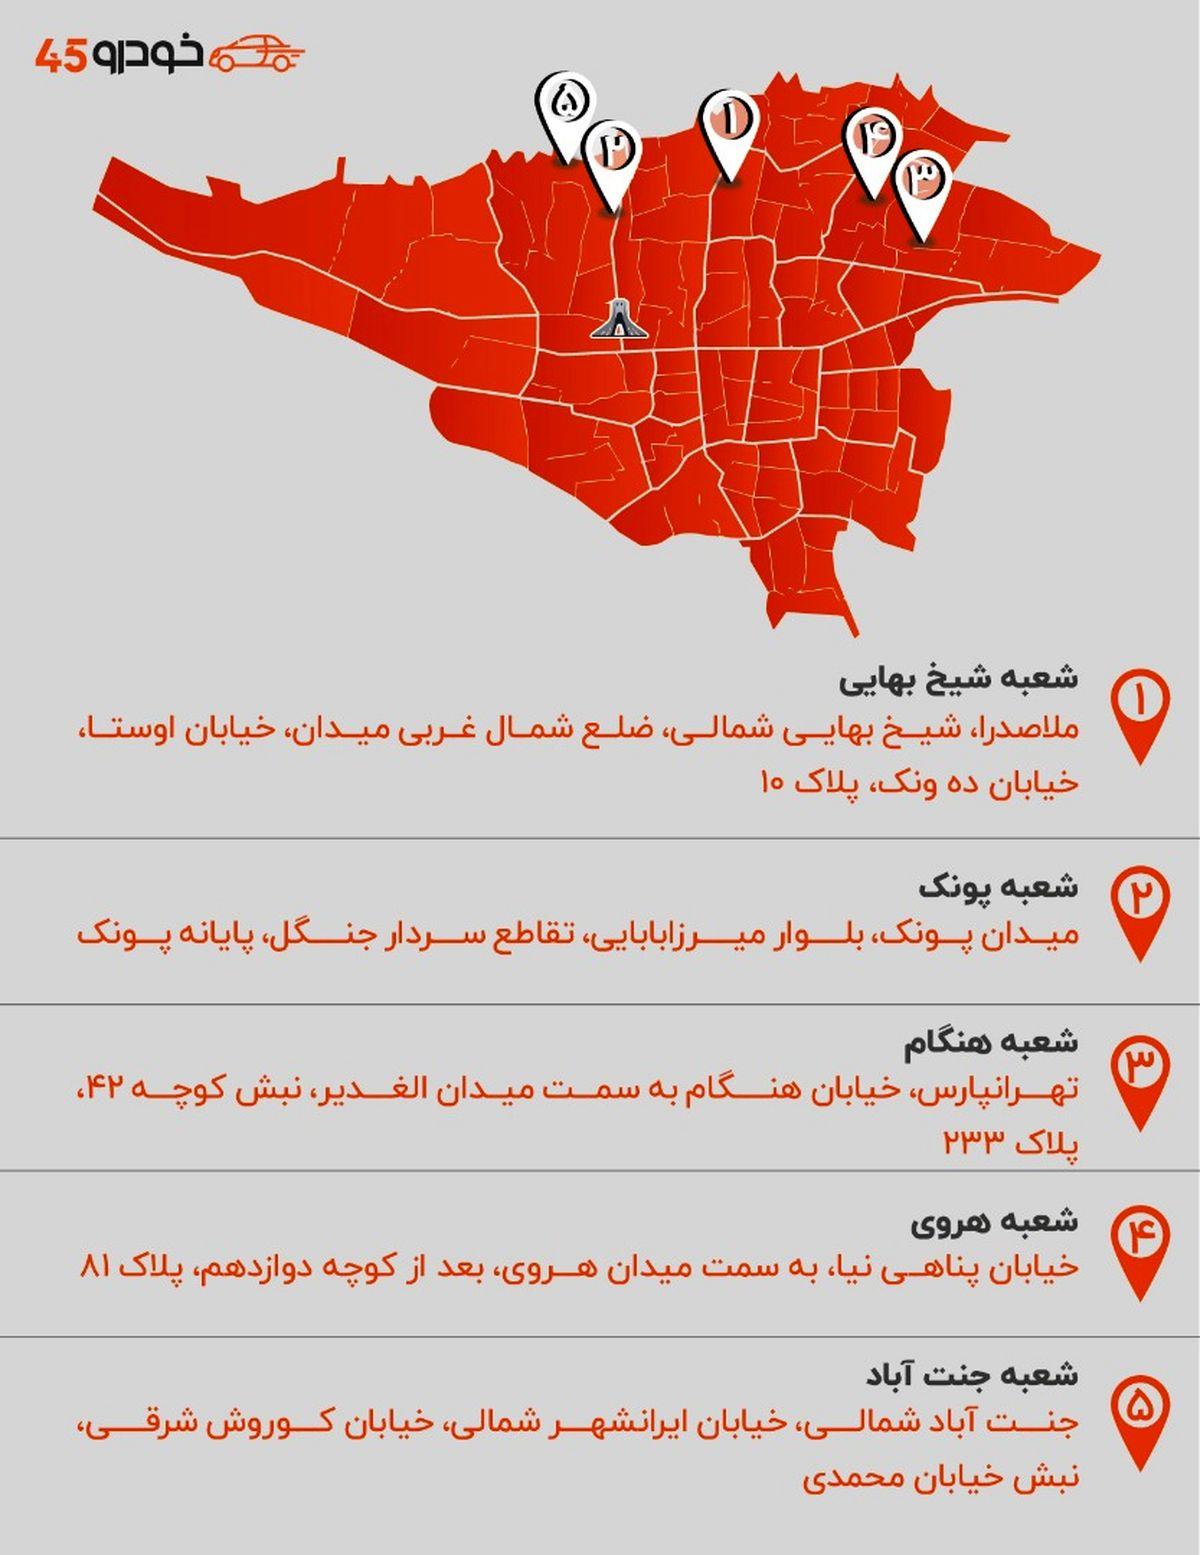 خودرو ۴۵ شعبههای خود را در سراسر ایران توسعه میدهد